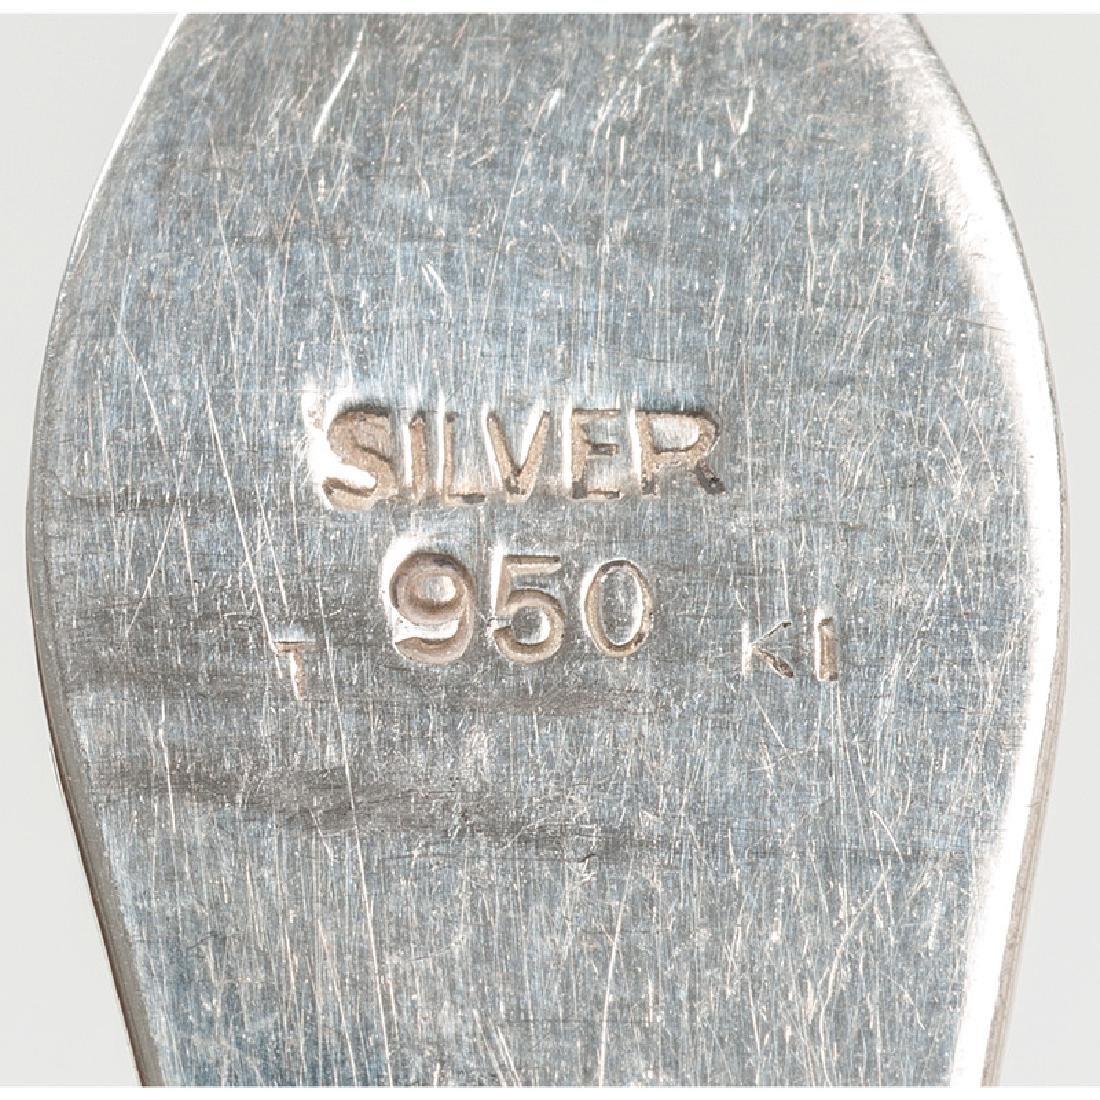 American Sterling Silver Demitasse Spoons - 5